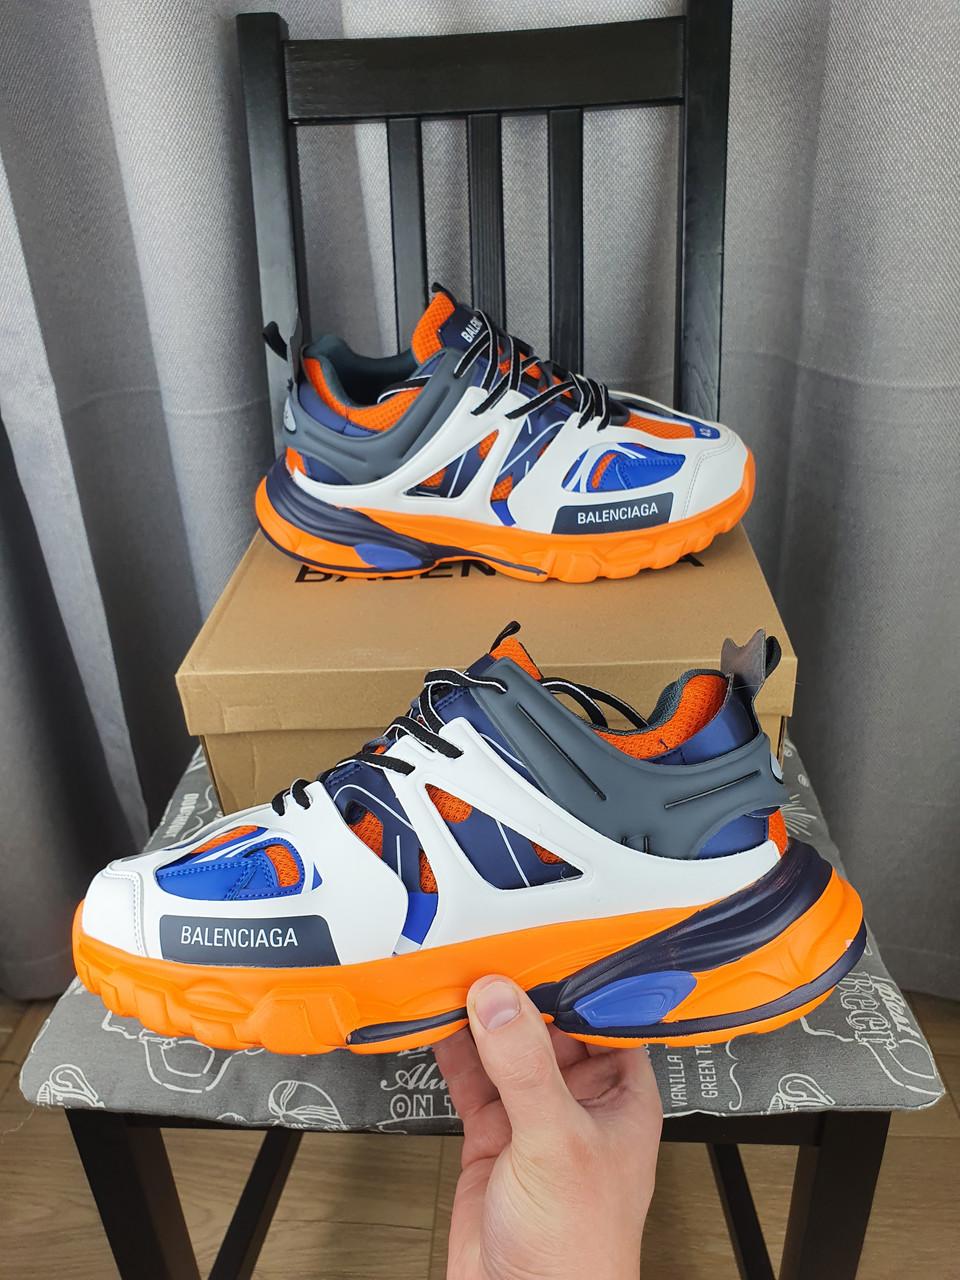 Кроссовки мужские Balenciaga Track Orange Blue оранжевые с синим и белым. Беговые кроссы Баленсиага Трек 2021